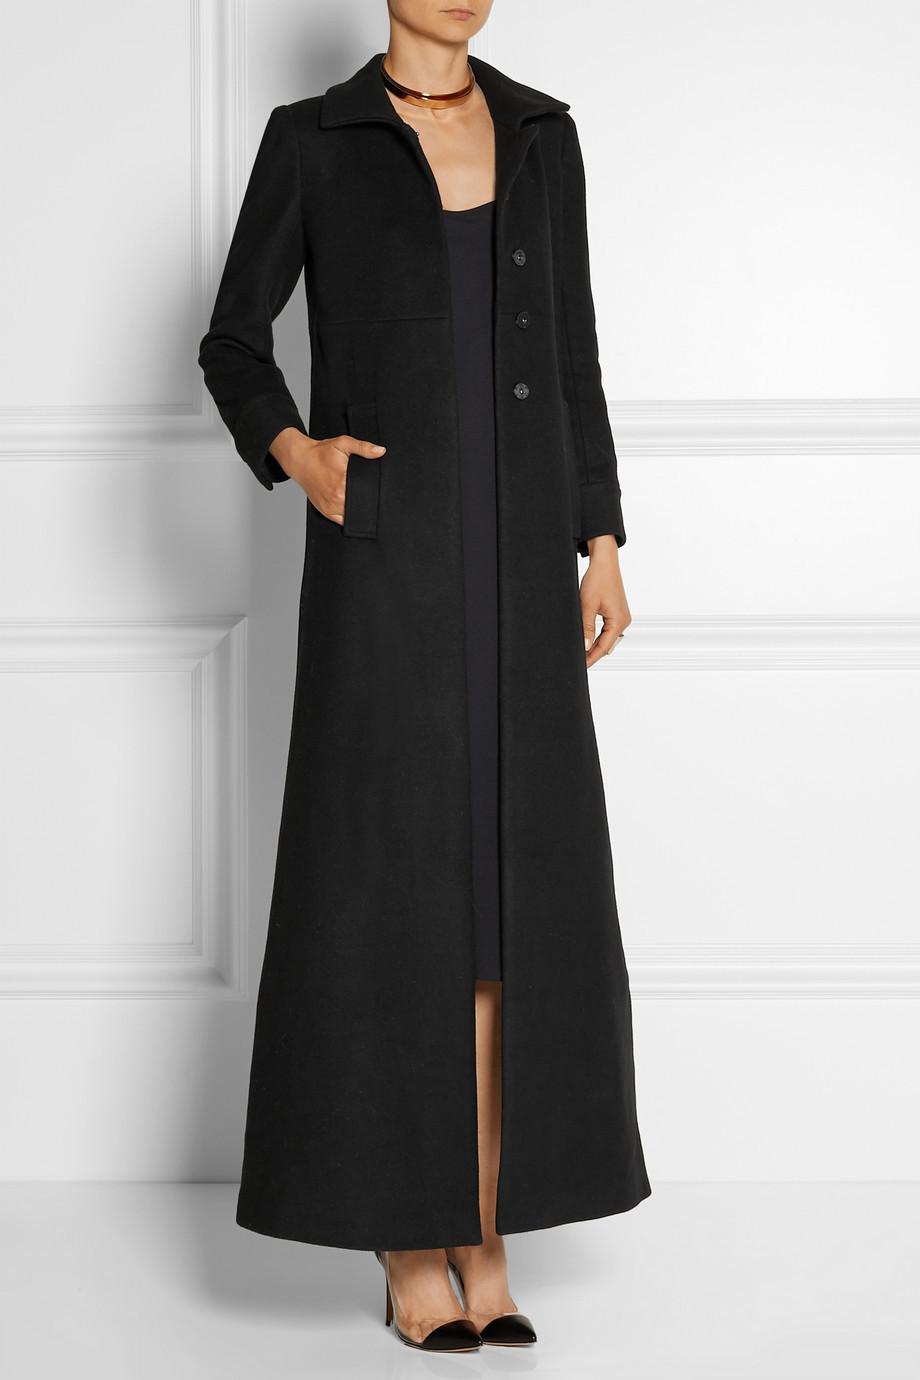 manteau long femme. Black Bedroom Furniture Sets. Home Design Ideas